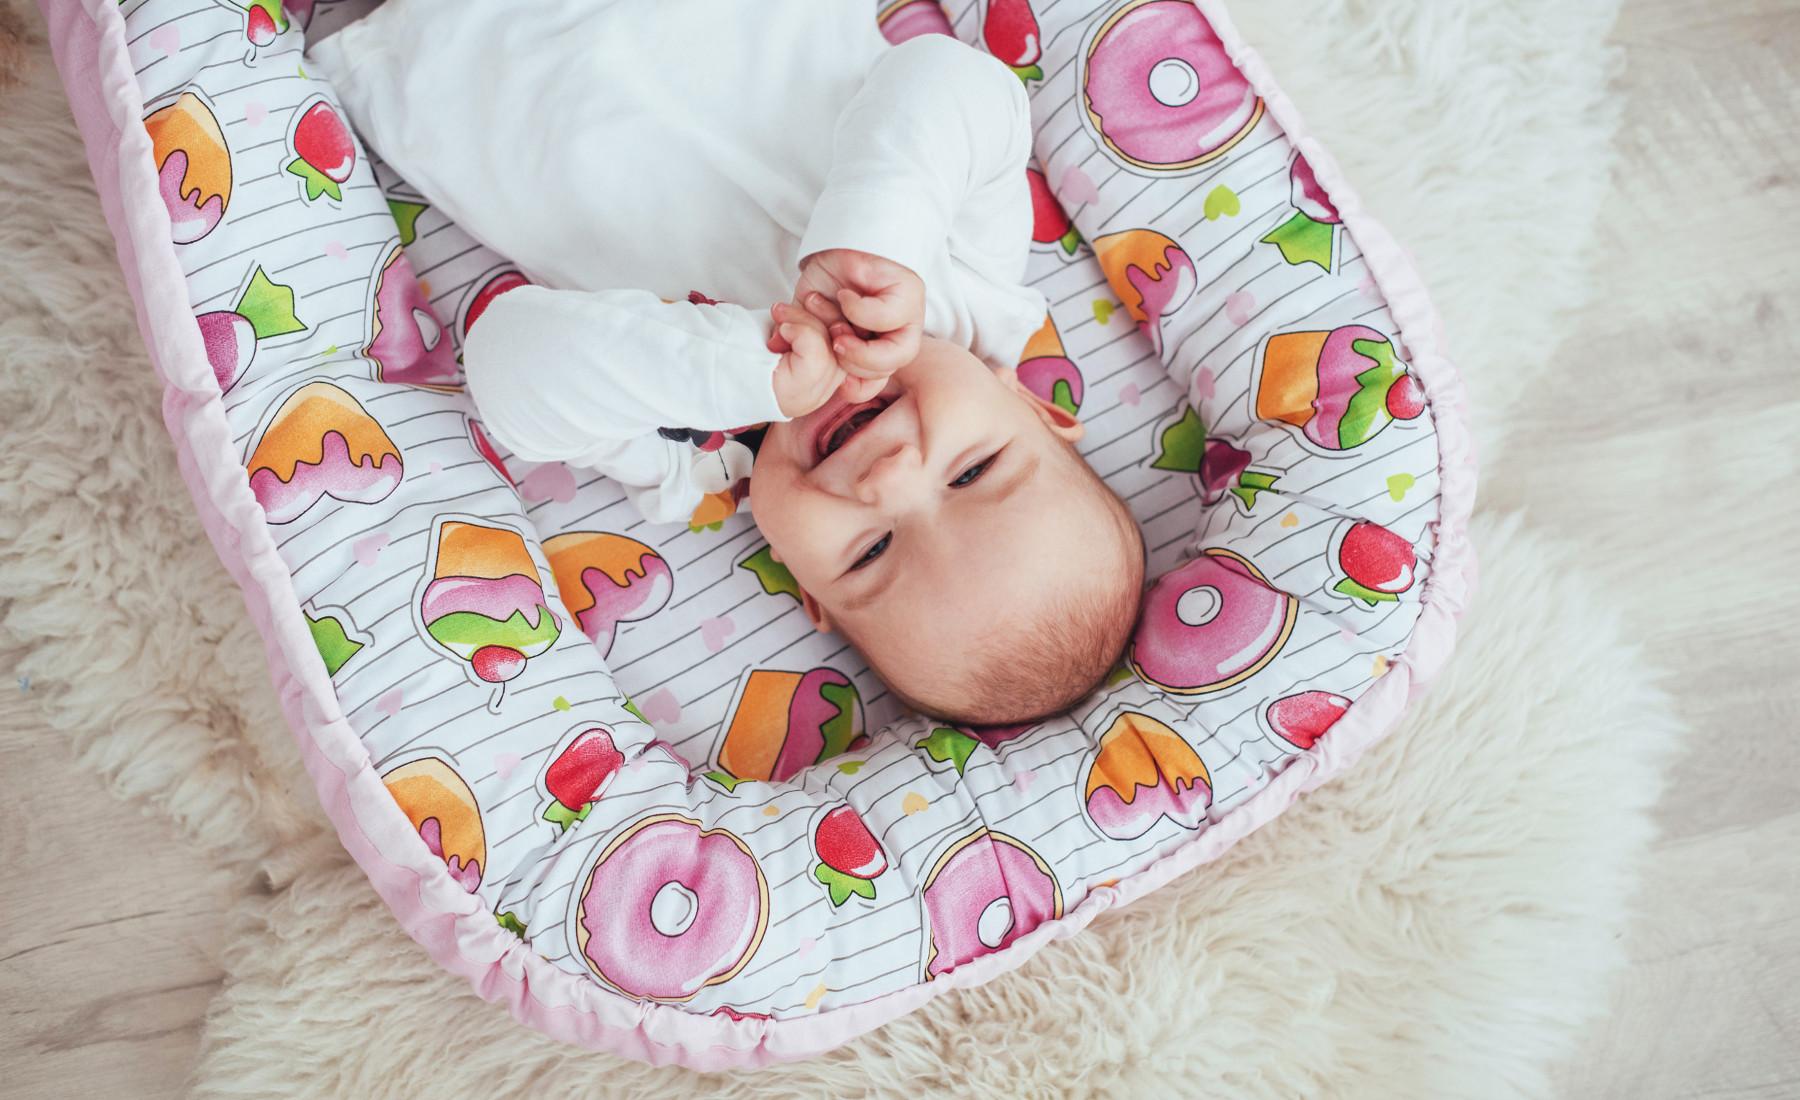 היפוטוניה - חולשה שרירית אצל תינוקות